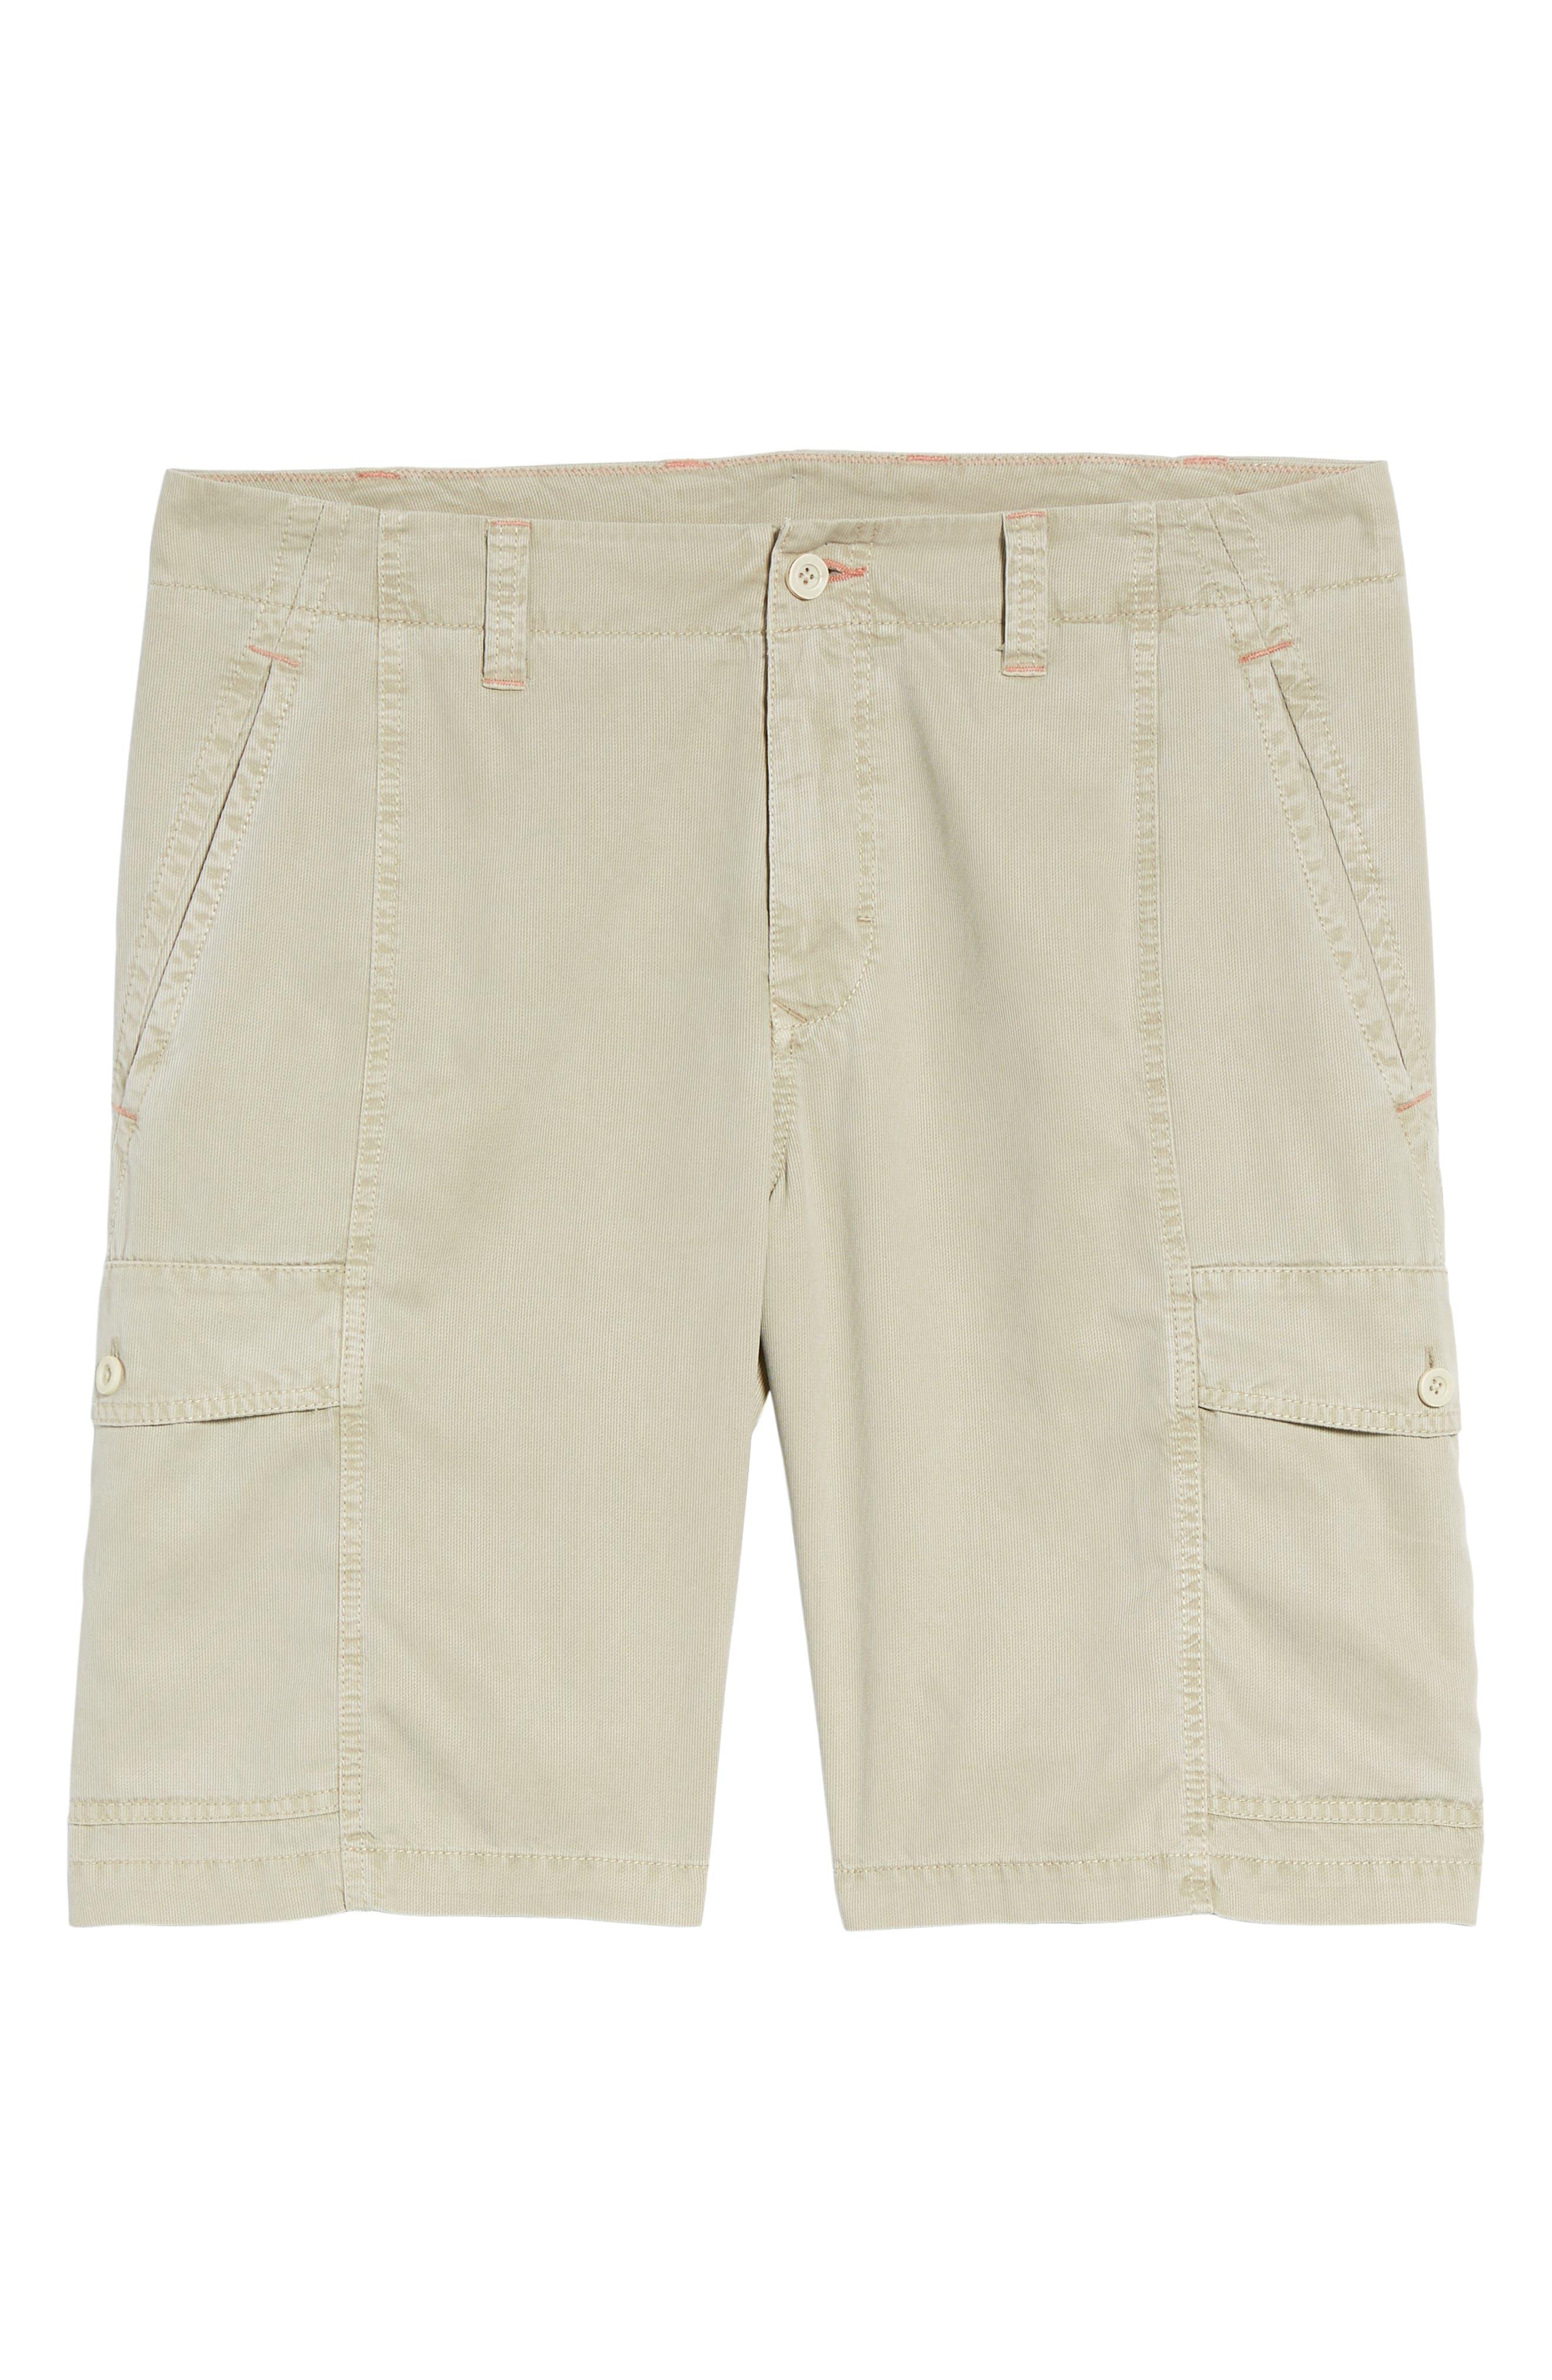 Tommy Bahama 'Beachfront Kihei' Cargo Shorts